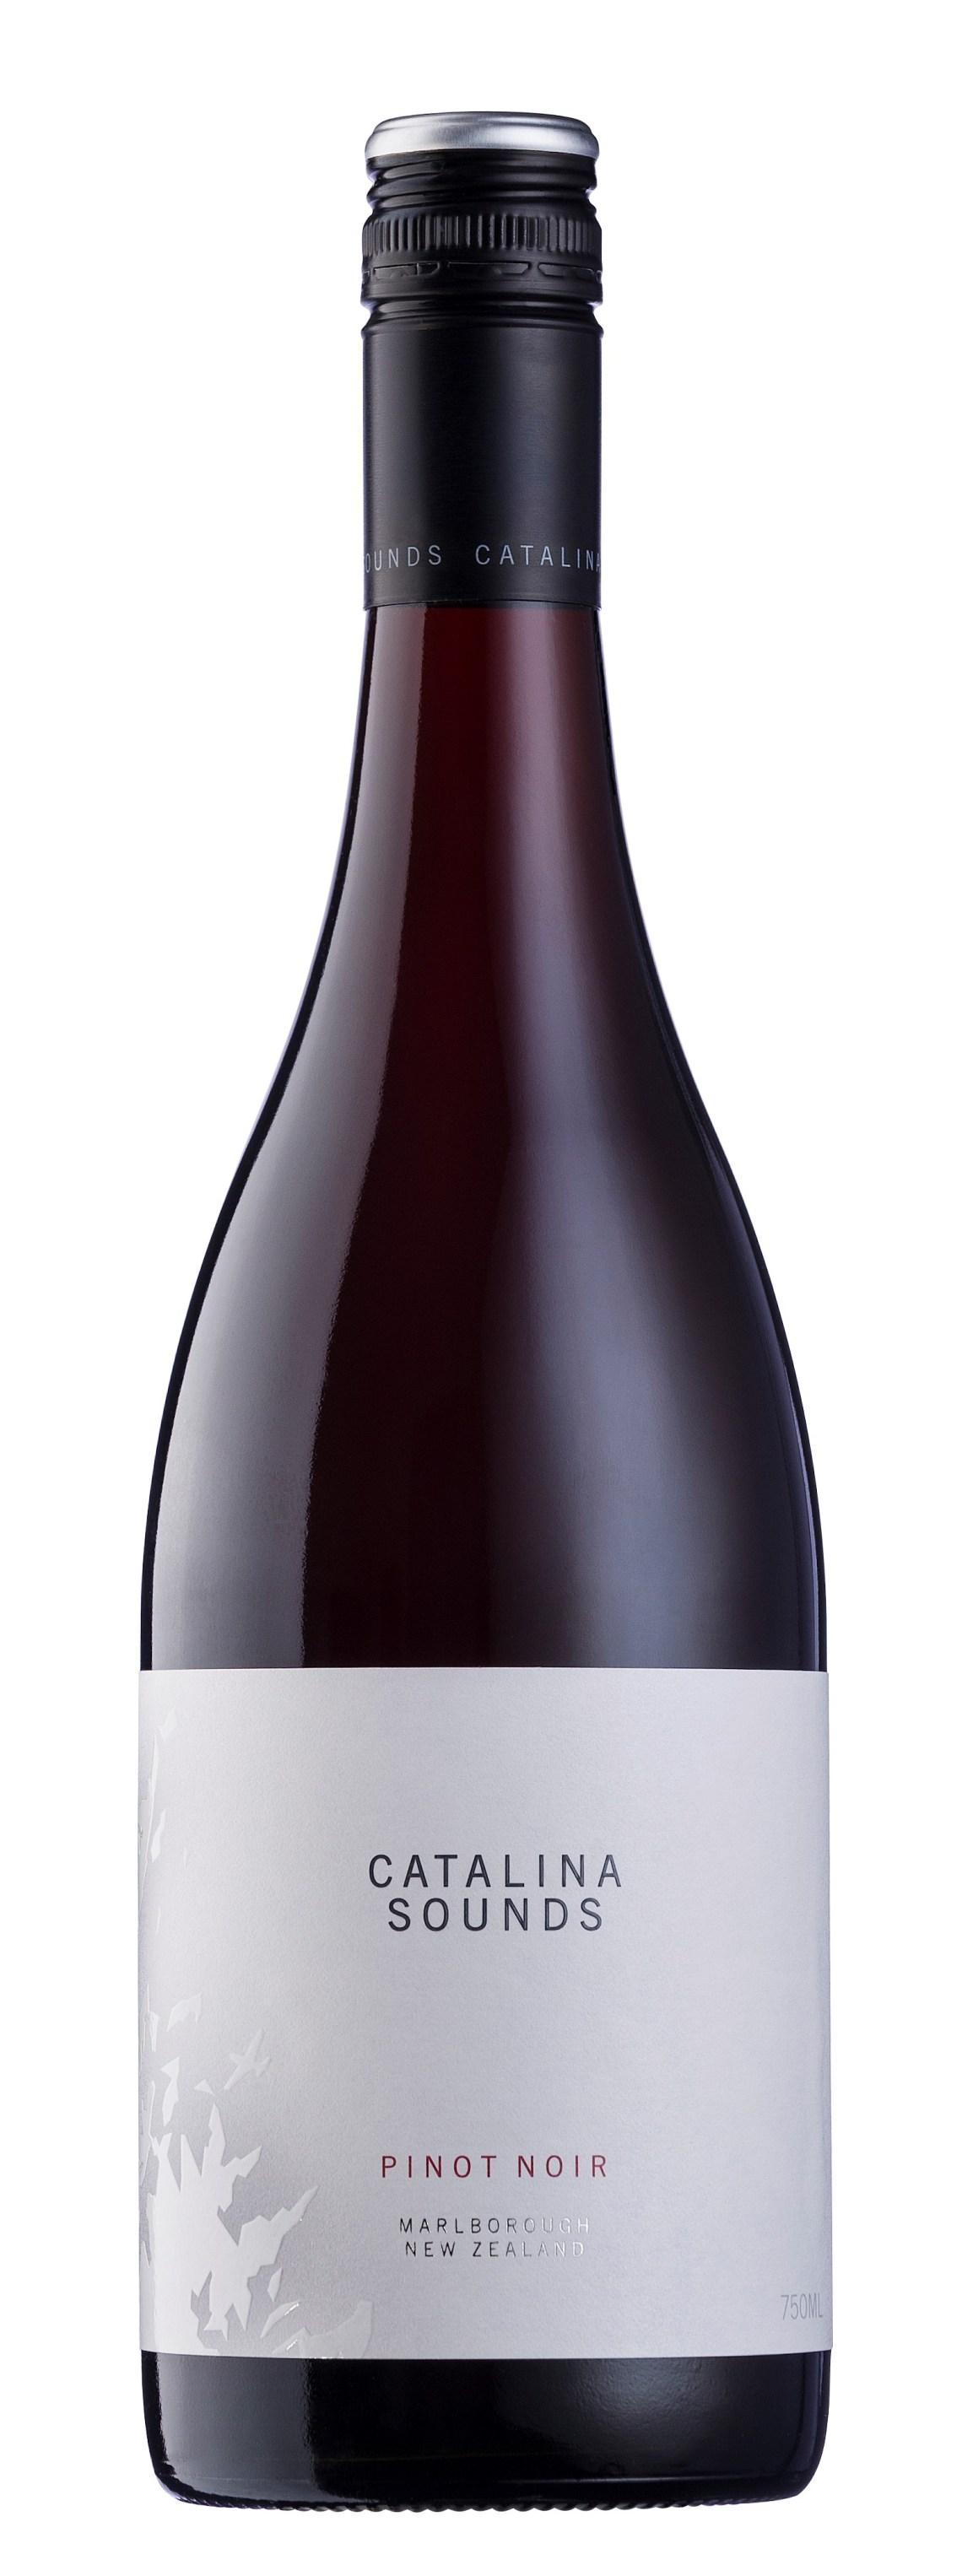 2015 Catalina Sounds Pinot Noir Marlborough